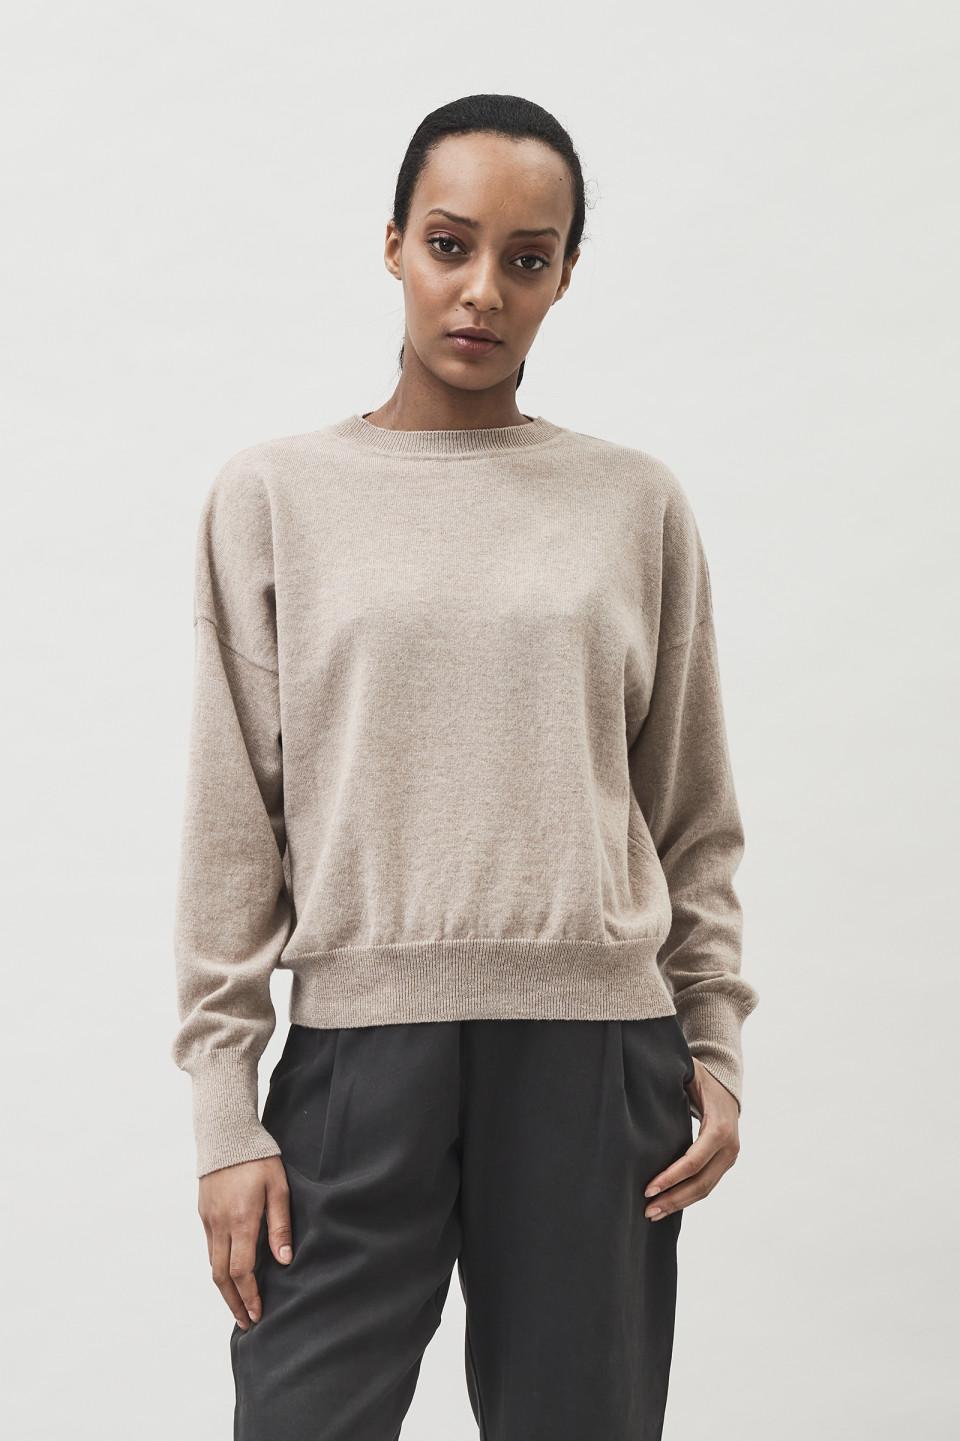 Ior Short Boxy Sweater - Oat Beige